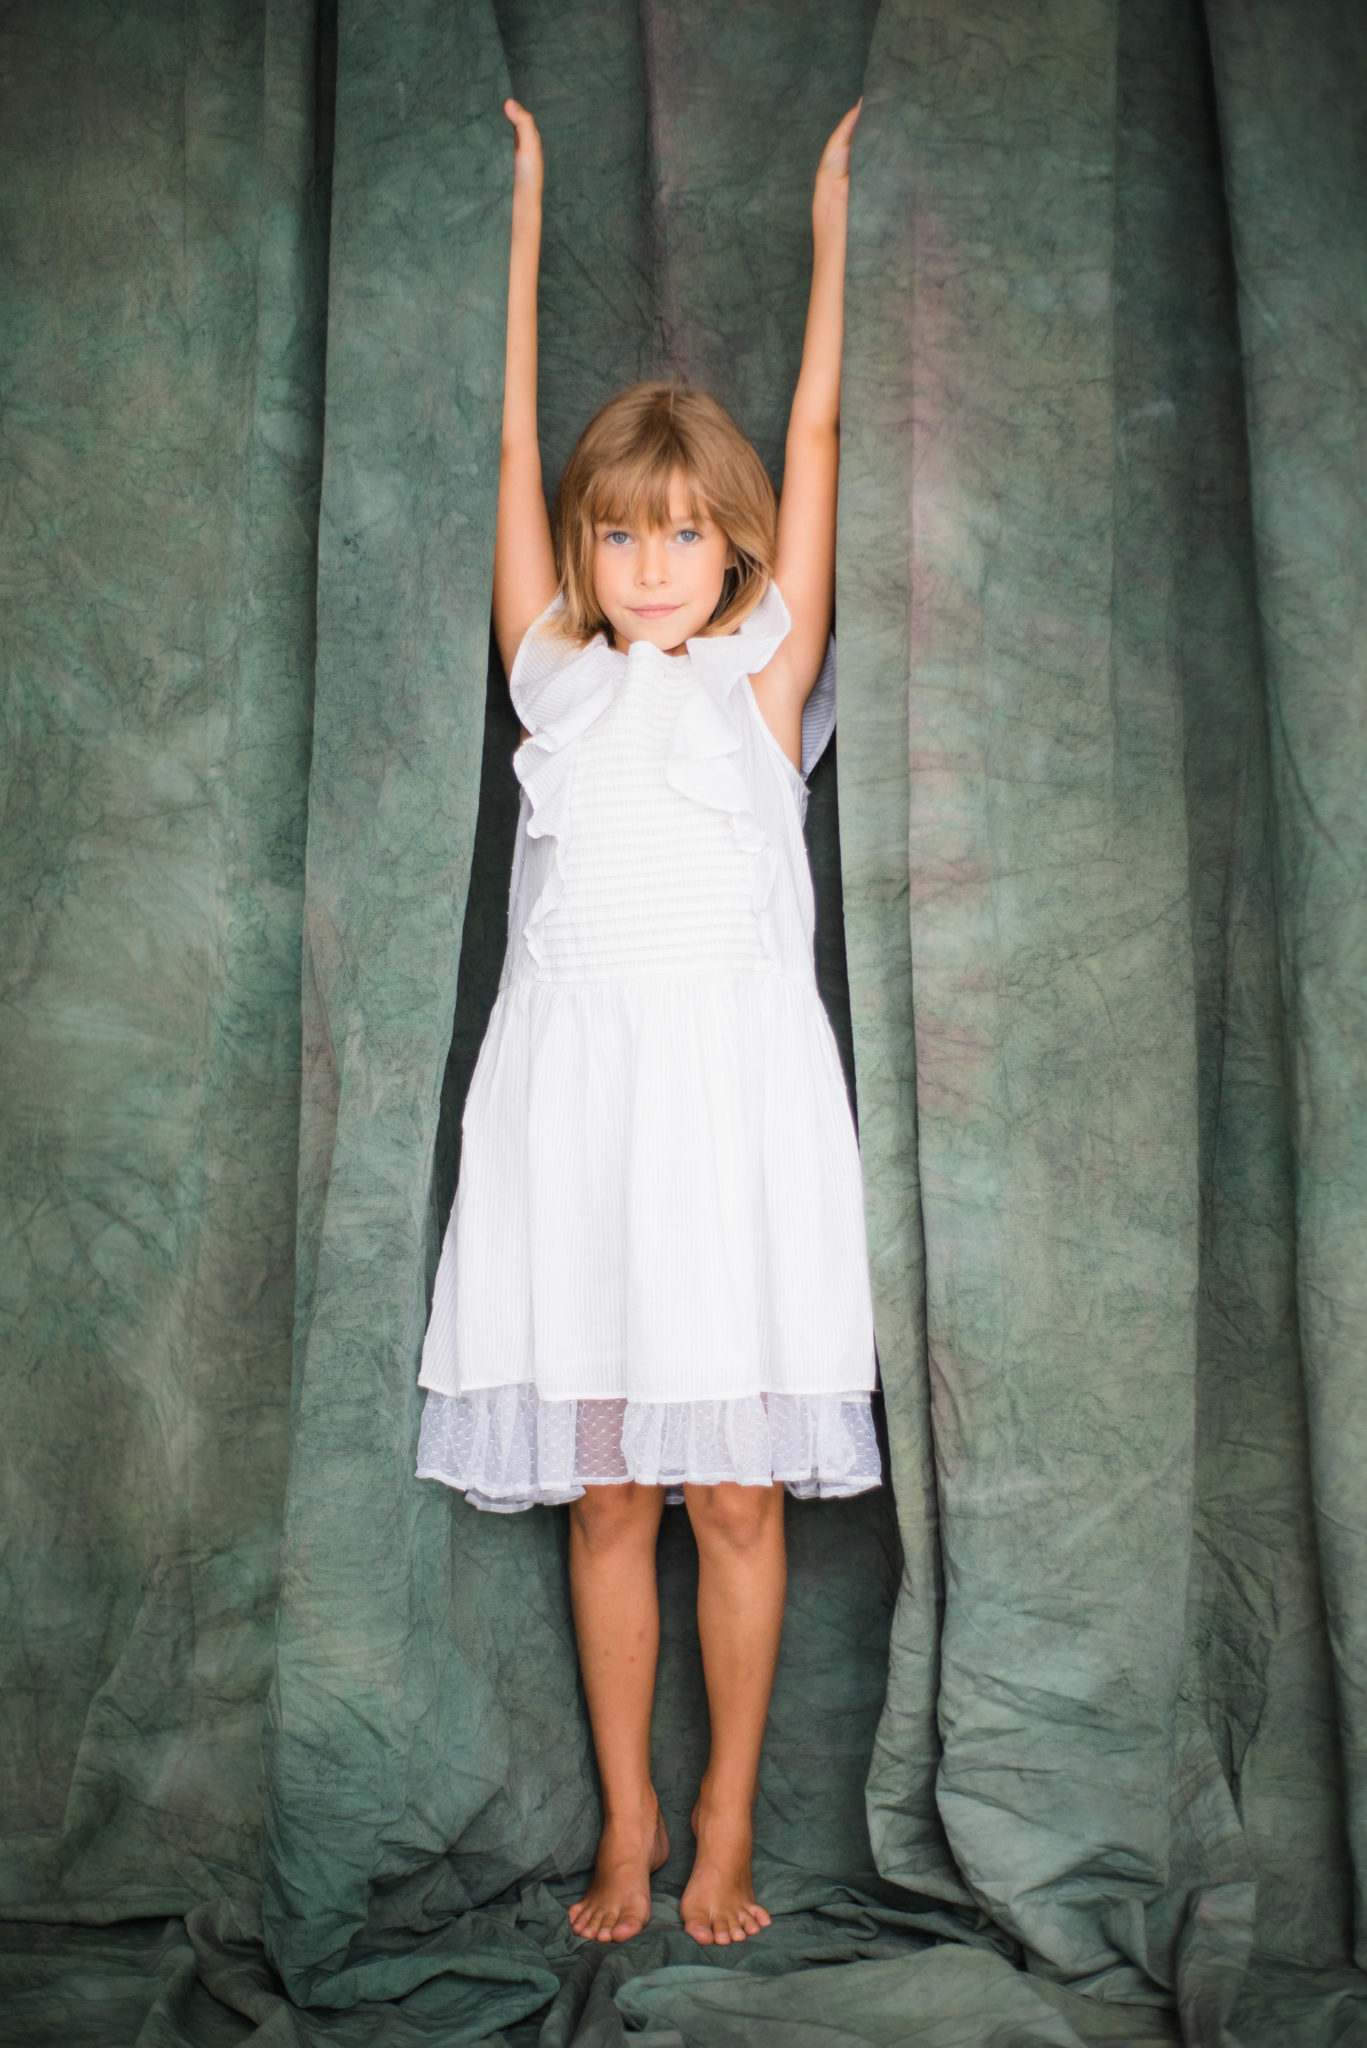 Детская фотосессия, ребенок в белом платье стоит на зеленовом тканевом фоне подняв руки